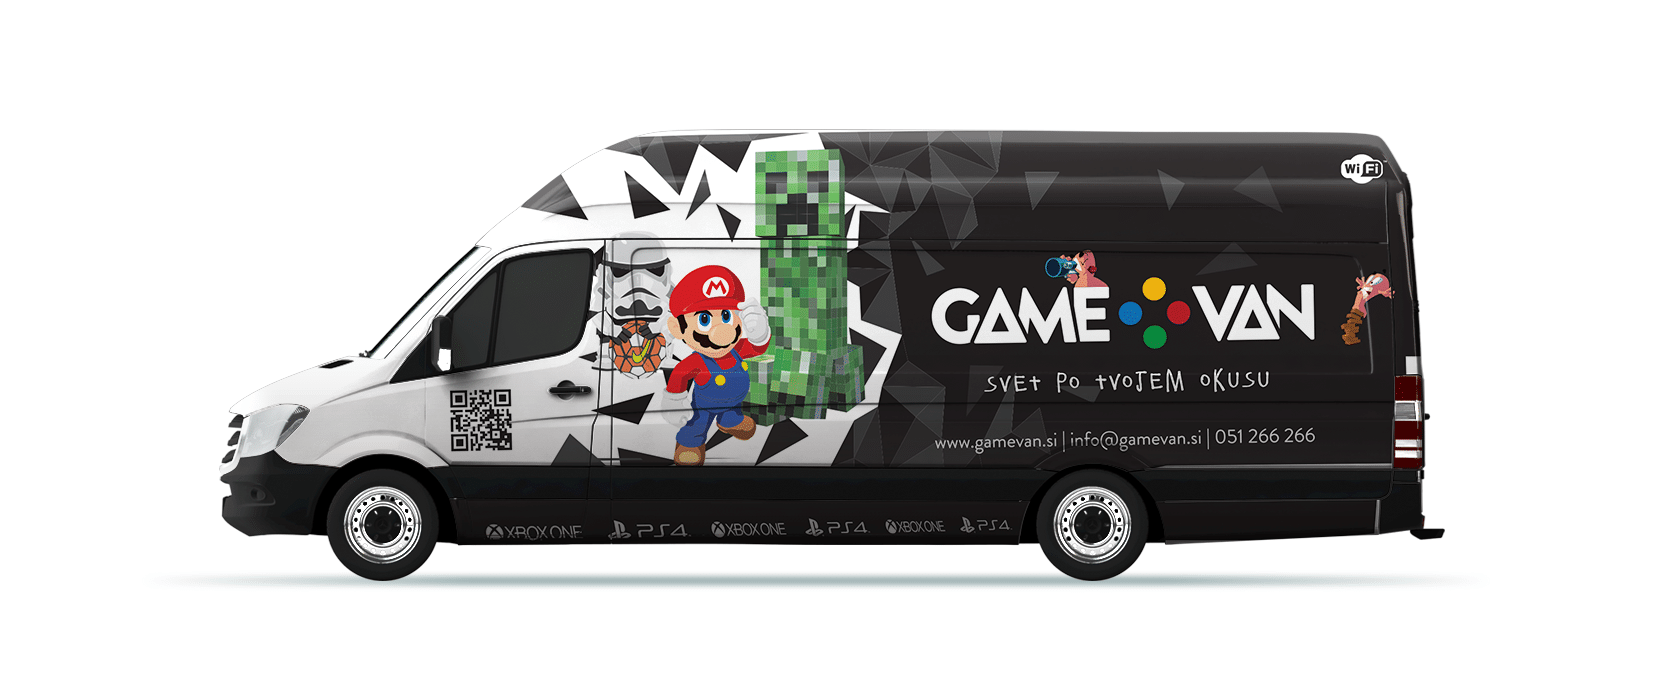 Gamevan Side3